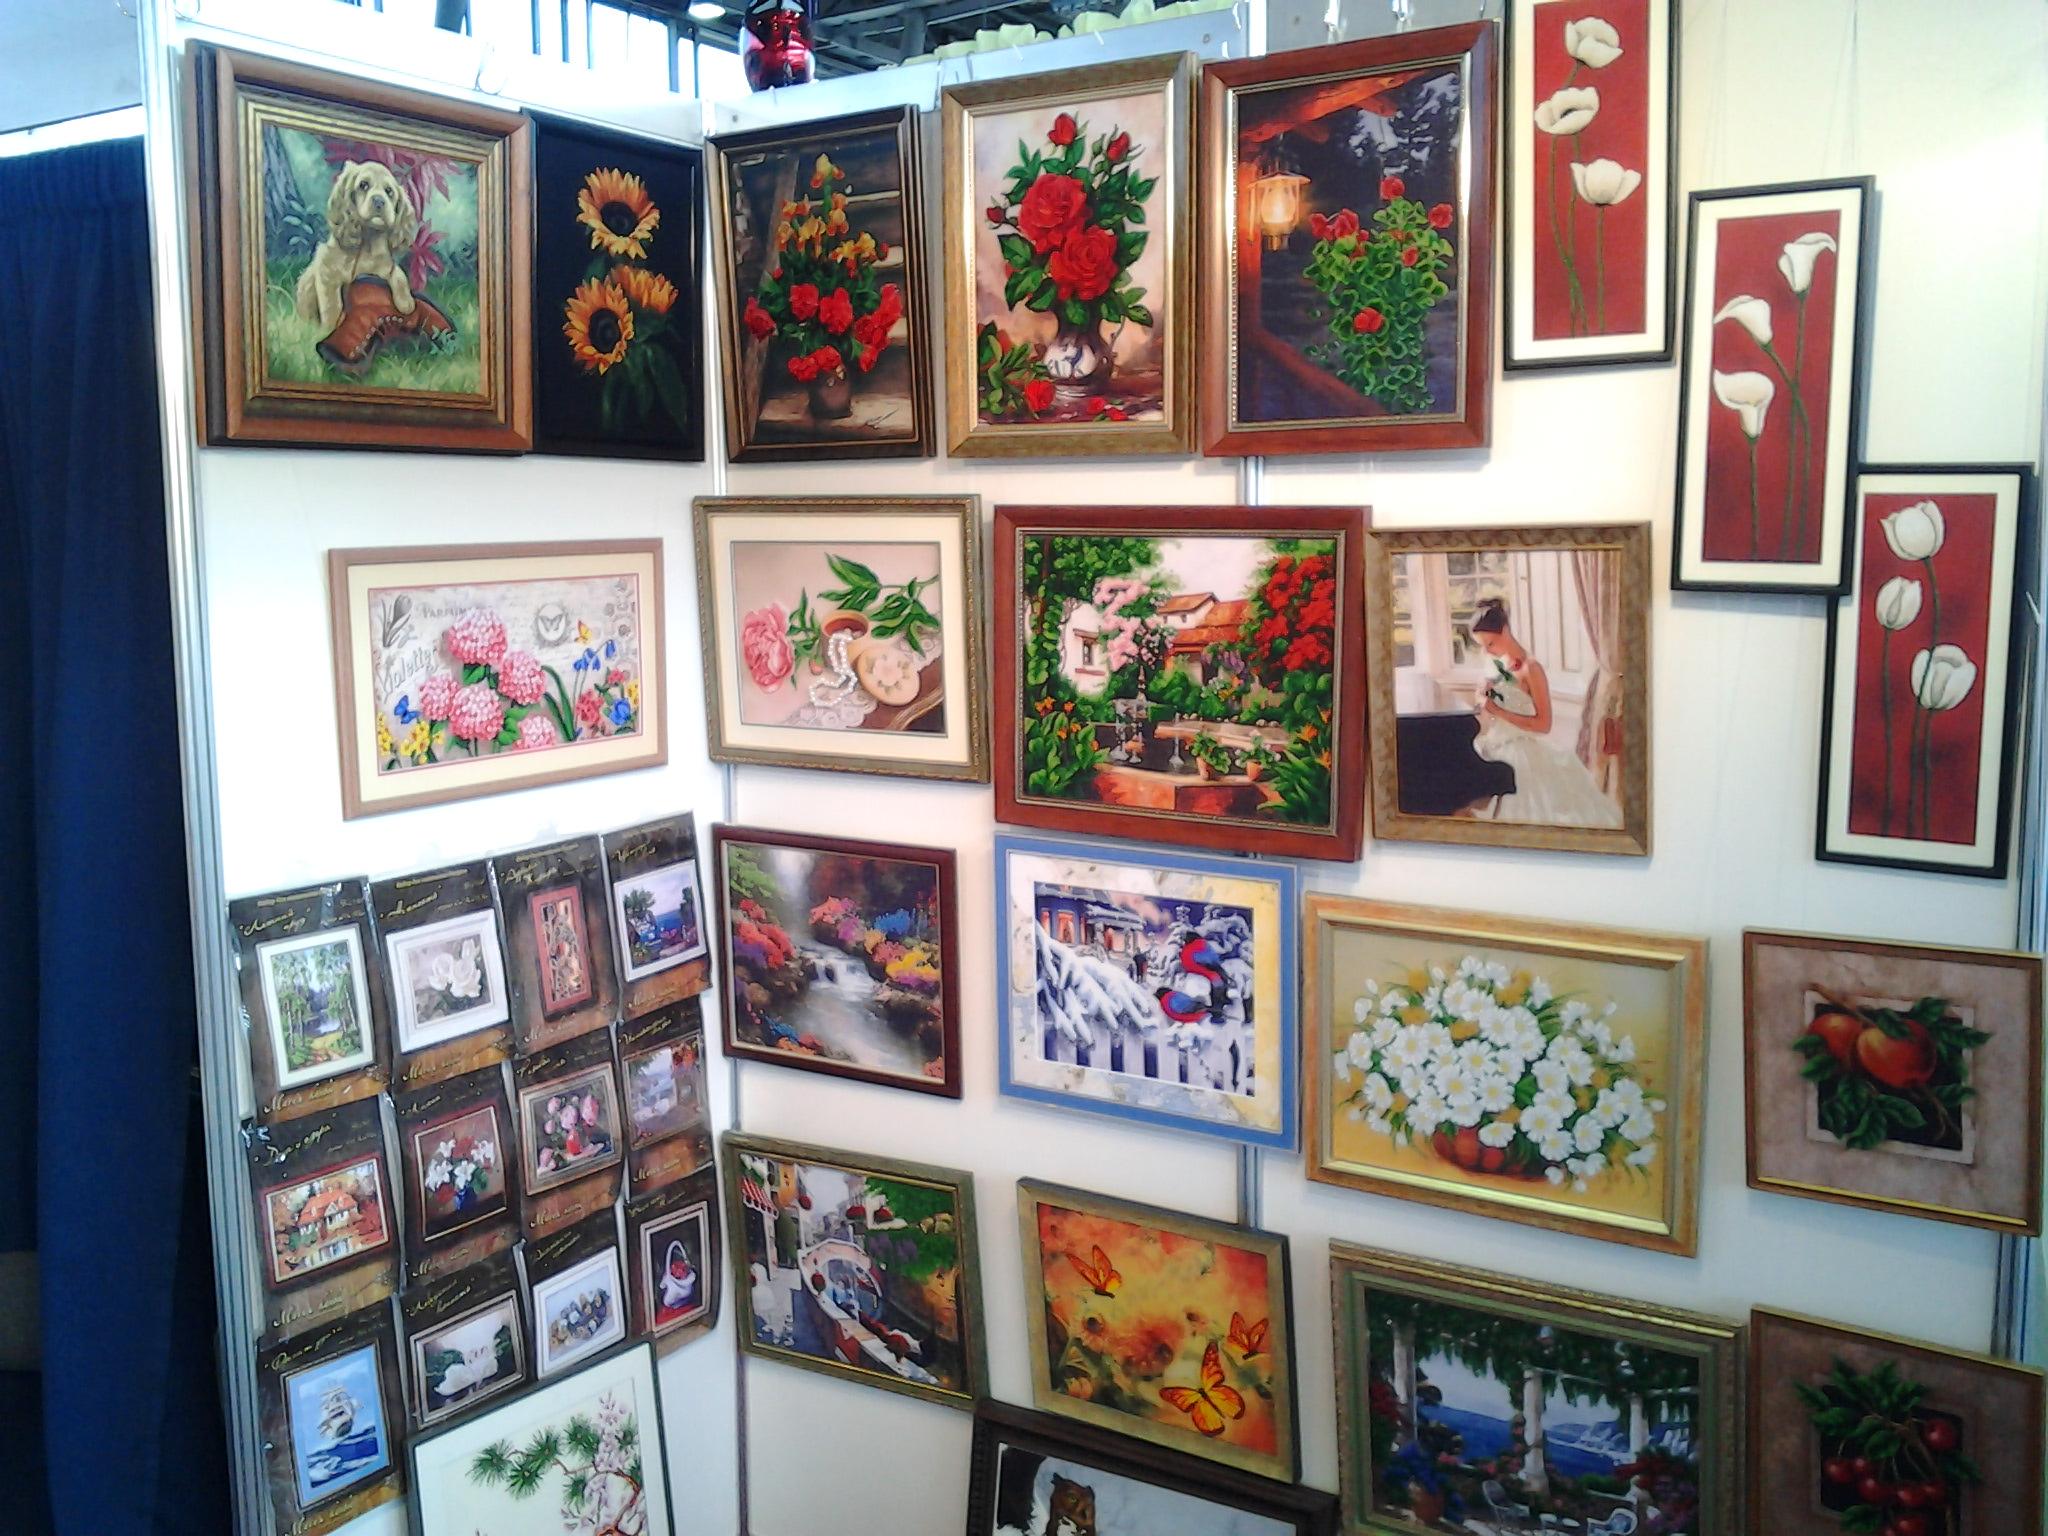 Выставка вышивки в Санкт-Петербурге - выставка вышивки в сп-б